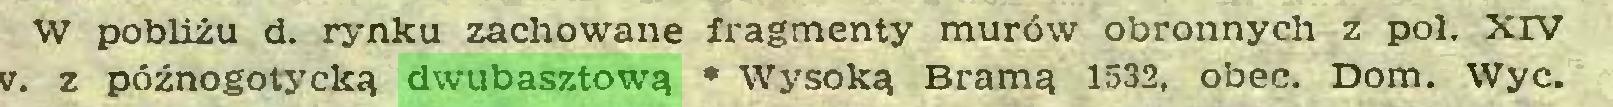 (...) W pobliżu d. rynku zachowane fragmenty murów obronnych z poi. XIV v. z późnogotycką dwubasztową * Wysoką Bramą 1532, obec. Dom. Wyc...